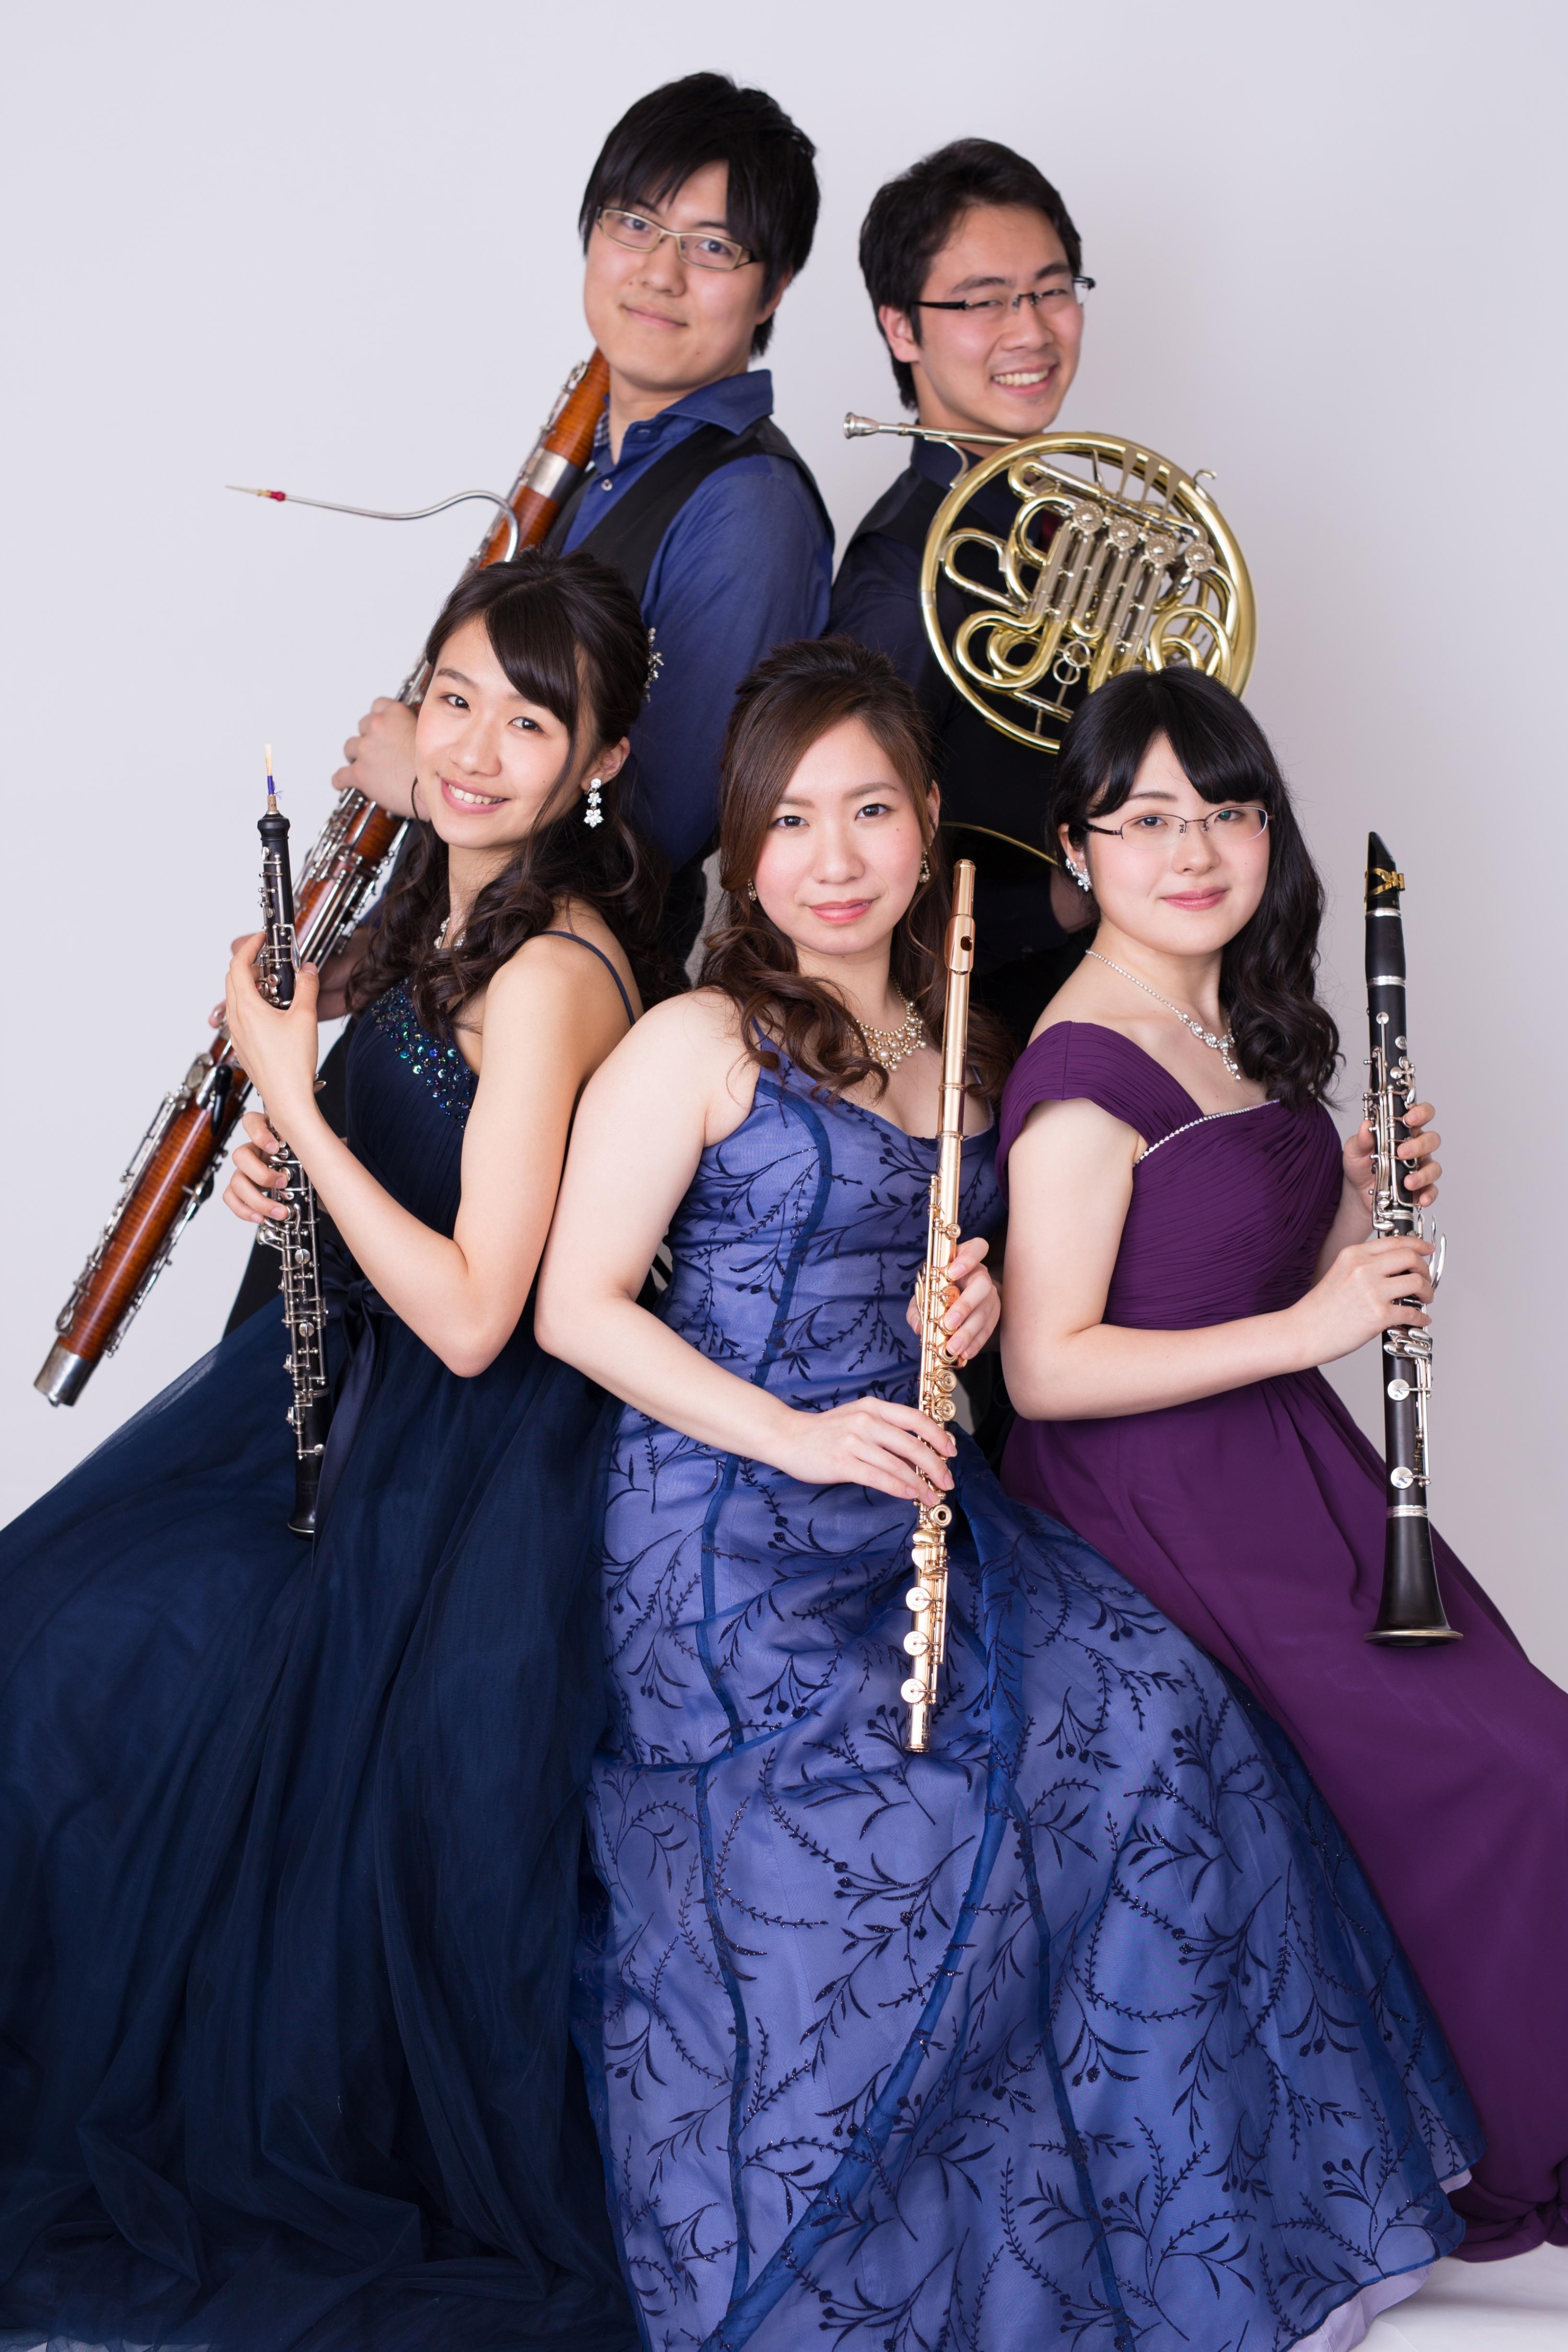 サタデーコンサート/トーク  vol.5「西洋音楽と日本芸能」